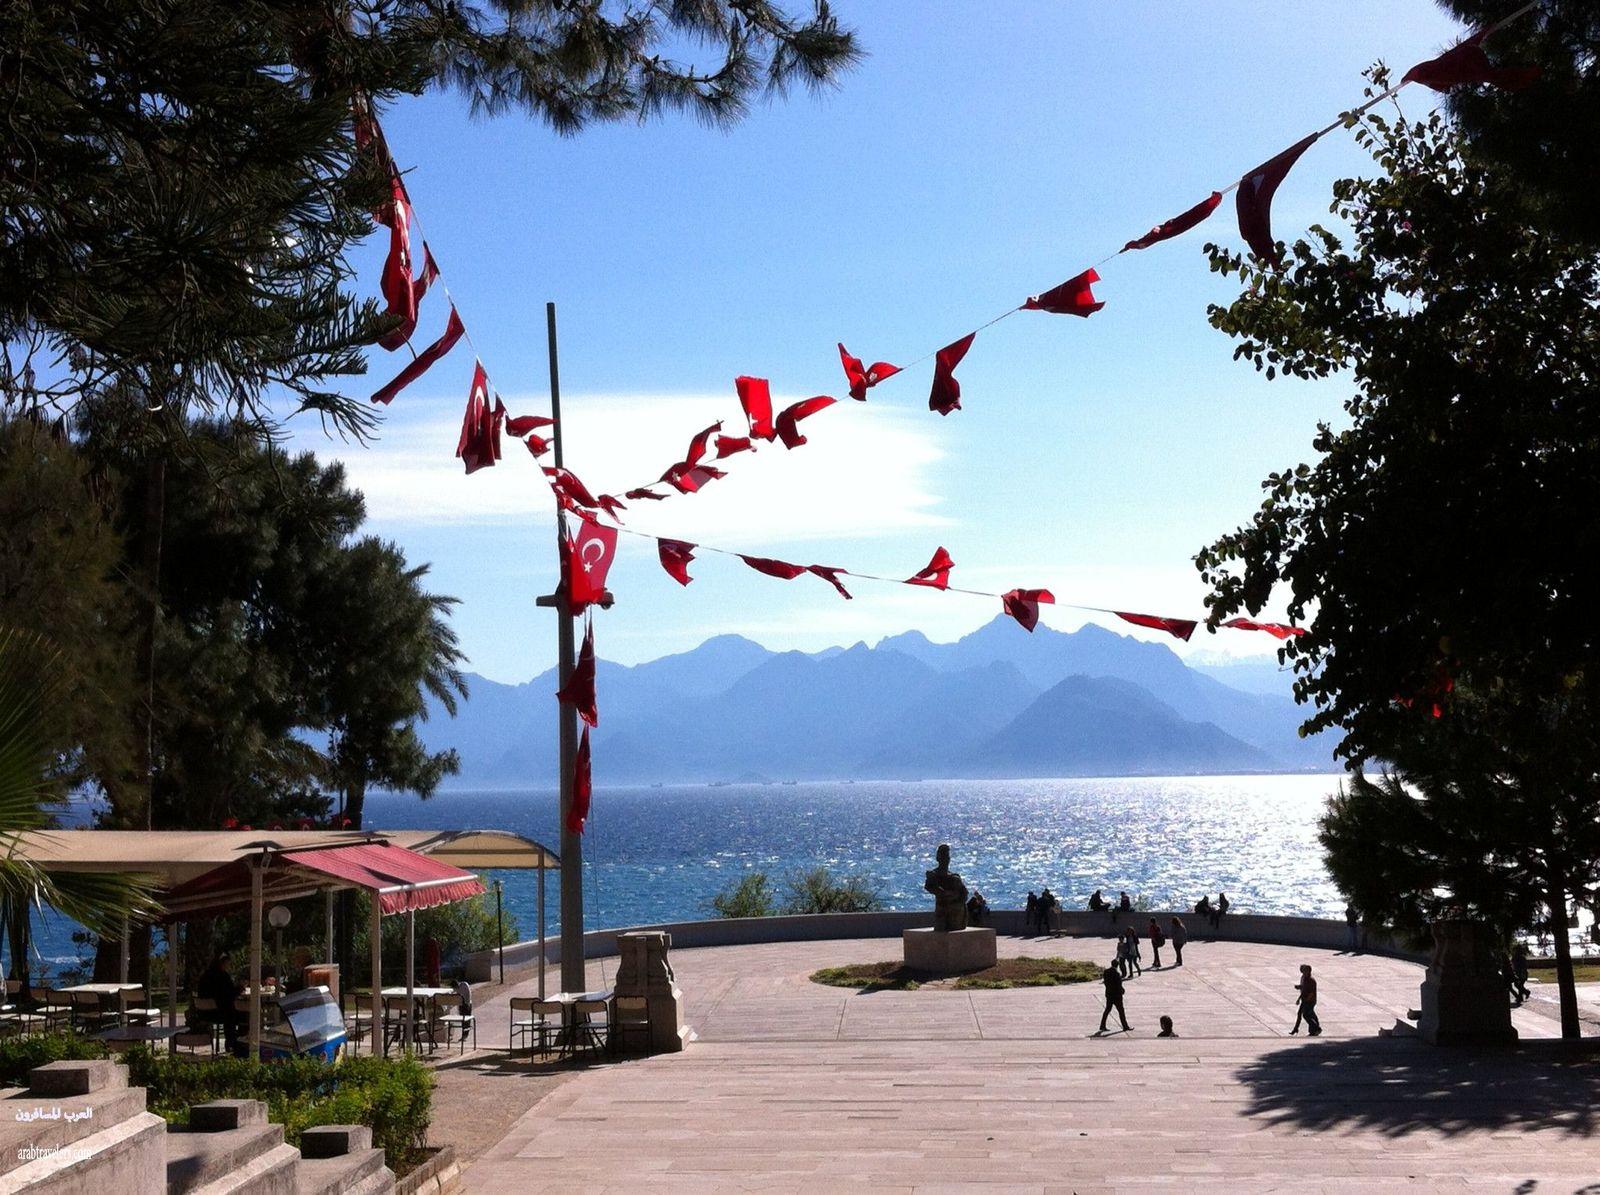 411080 المسافرون العرب اجمل صور حدائق تركيا